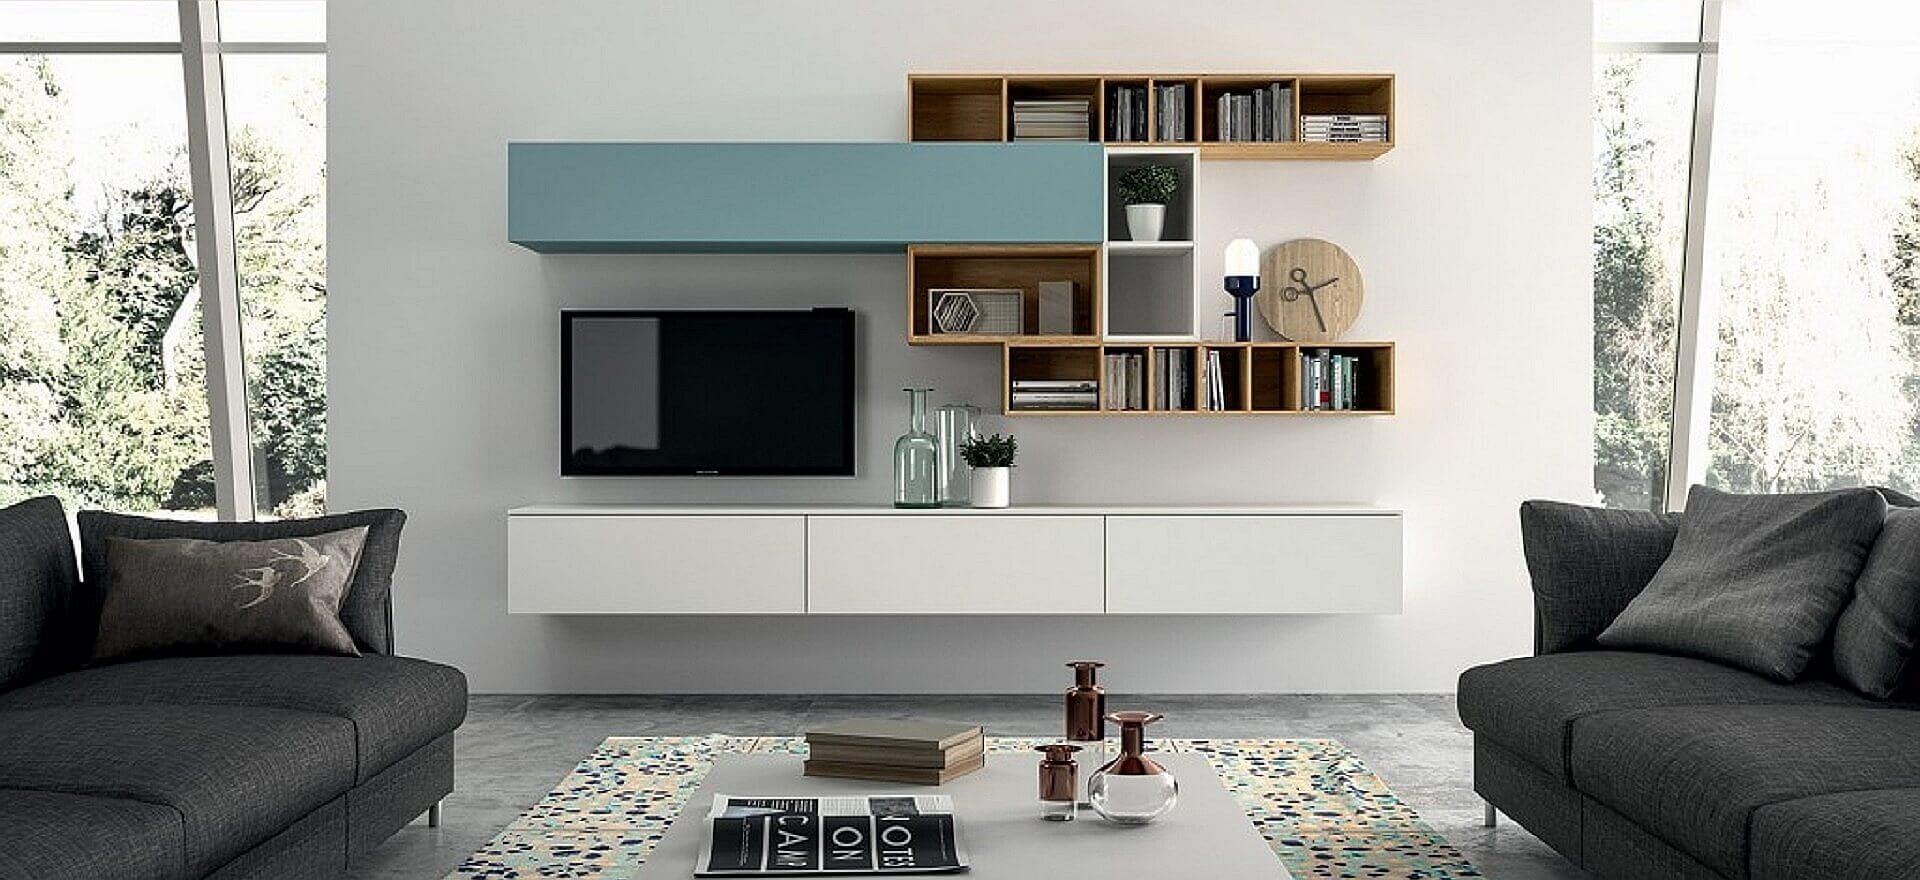 tv meubel shop hangend dressoir op maat